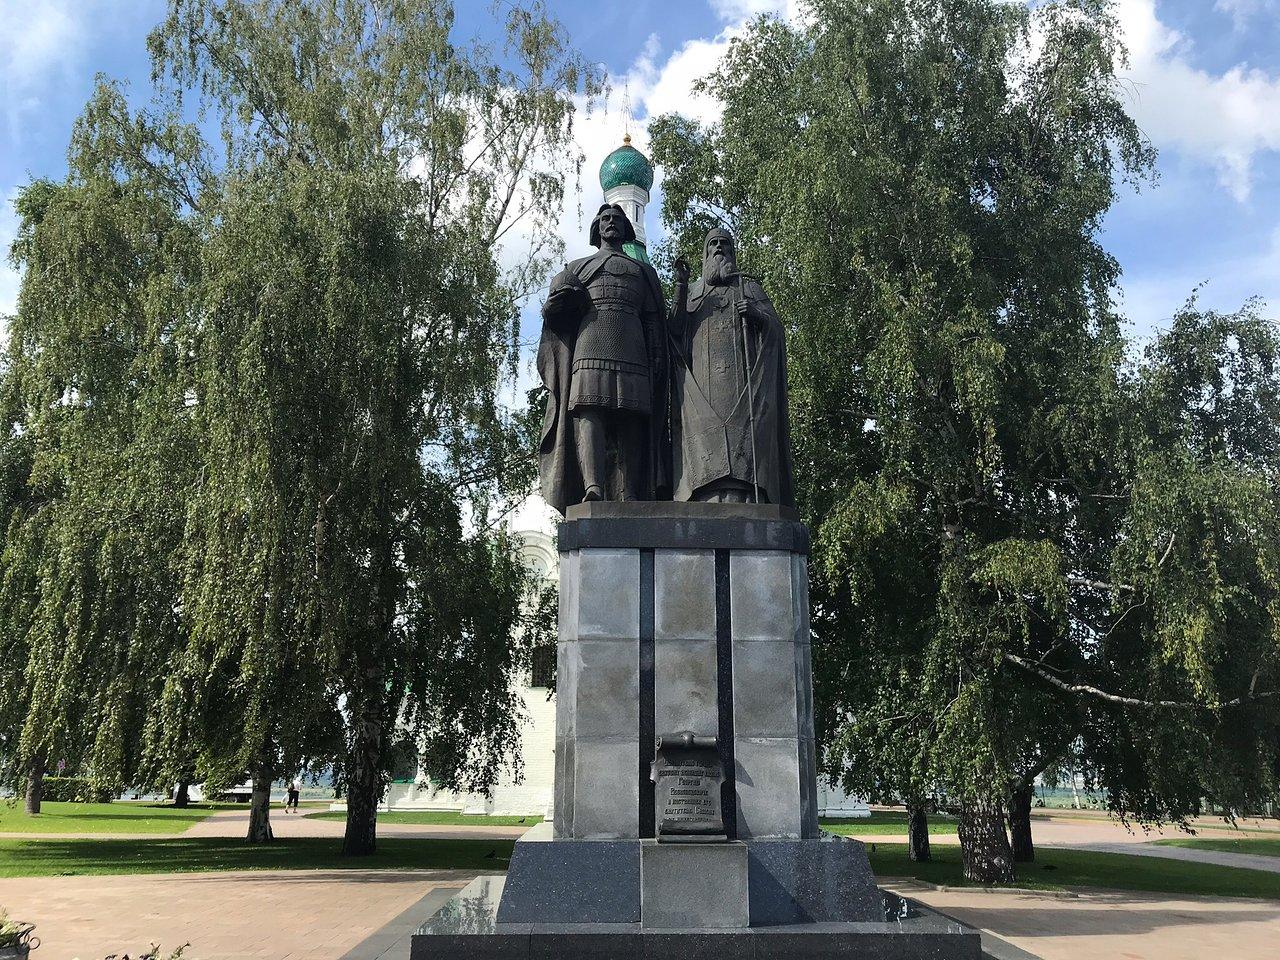 Памятник основателям Нижнего Новгорода (Нижний Новгород)